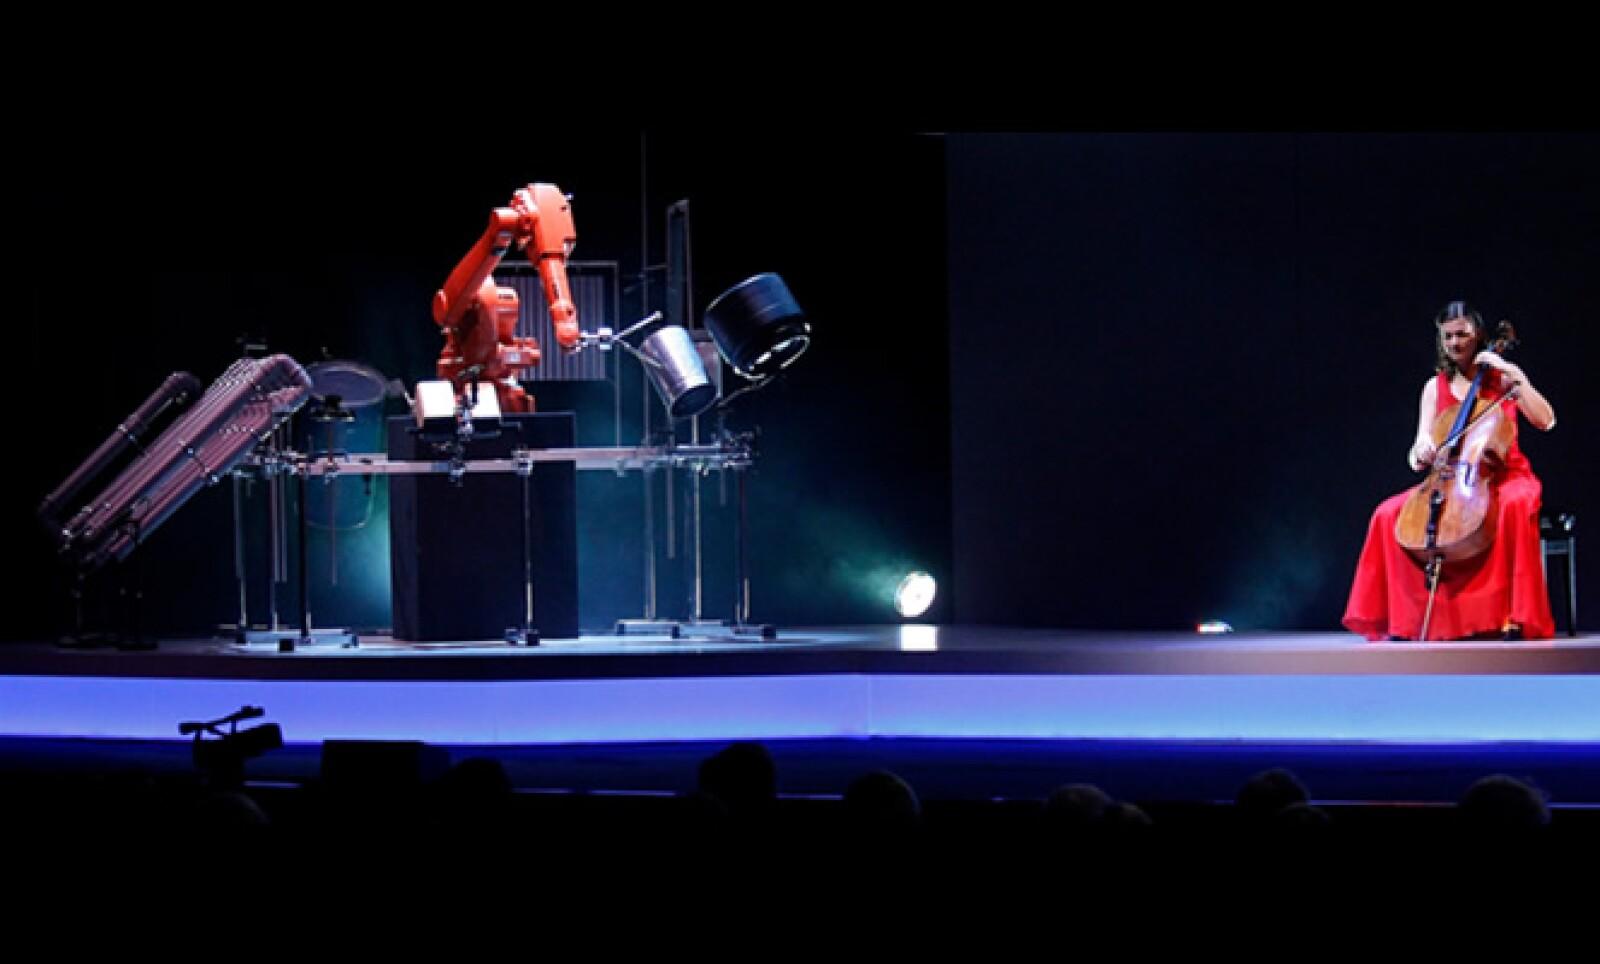 La feria tuvo su lado artístico al presentar el concierto entre un humano y un robot.